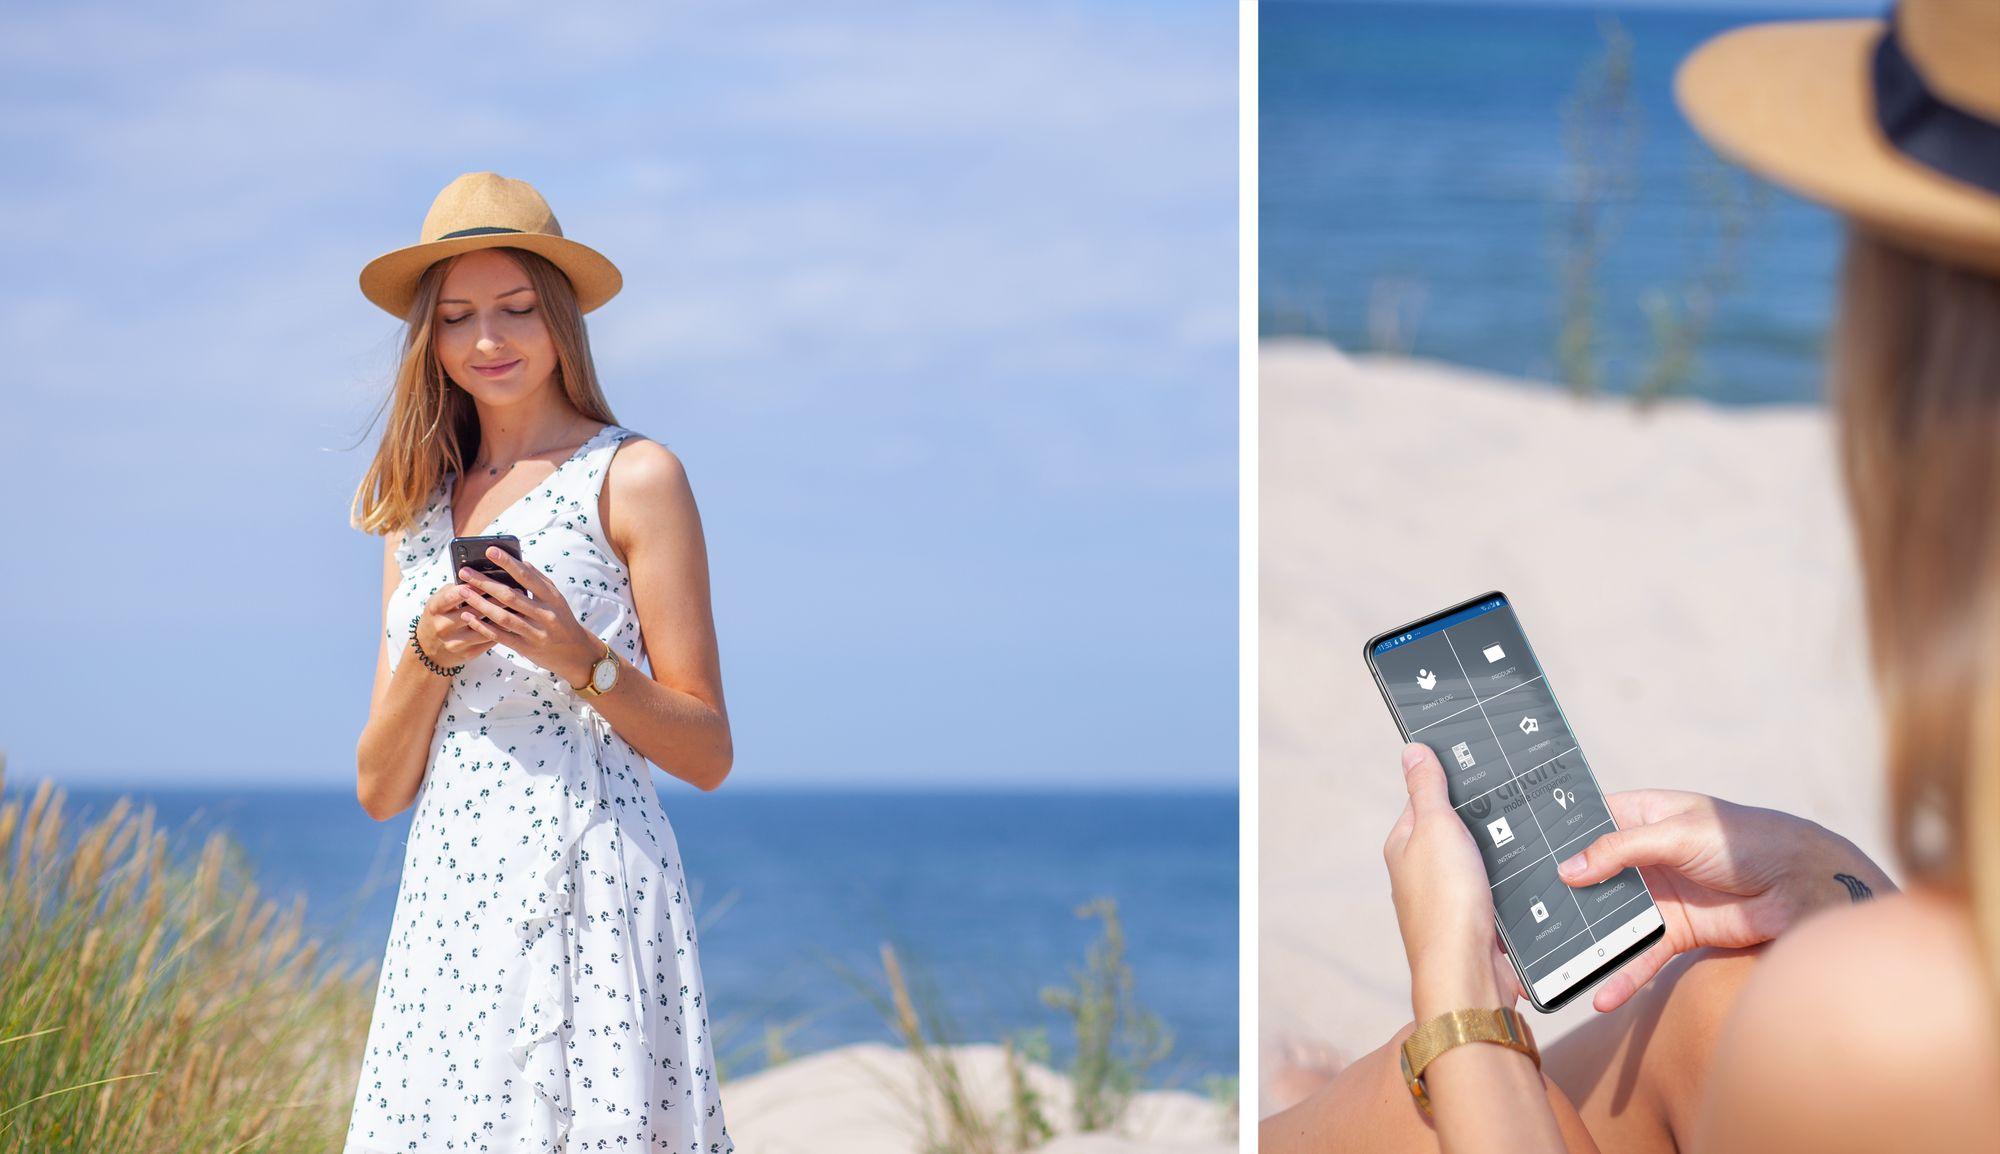 Premiera aplikacji mobilnej Akant – informacje o systemach osłonowych na wyciągnięcie ręki